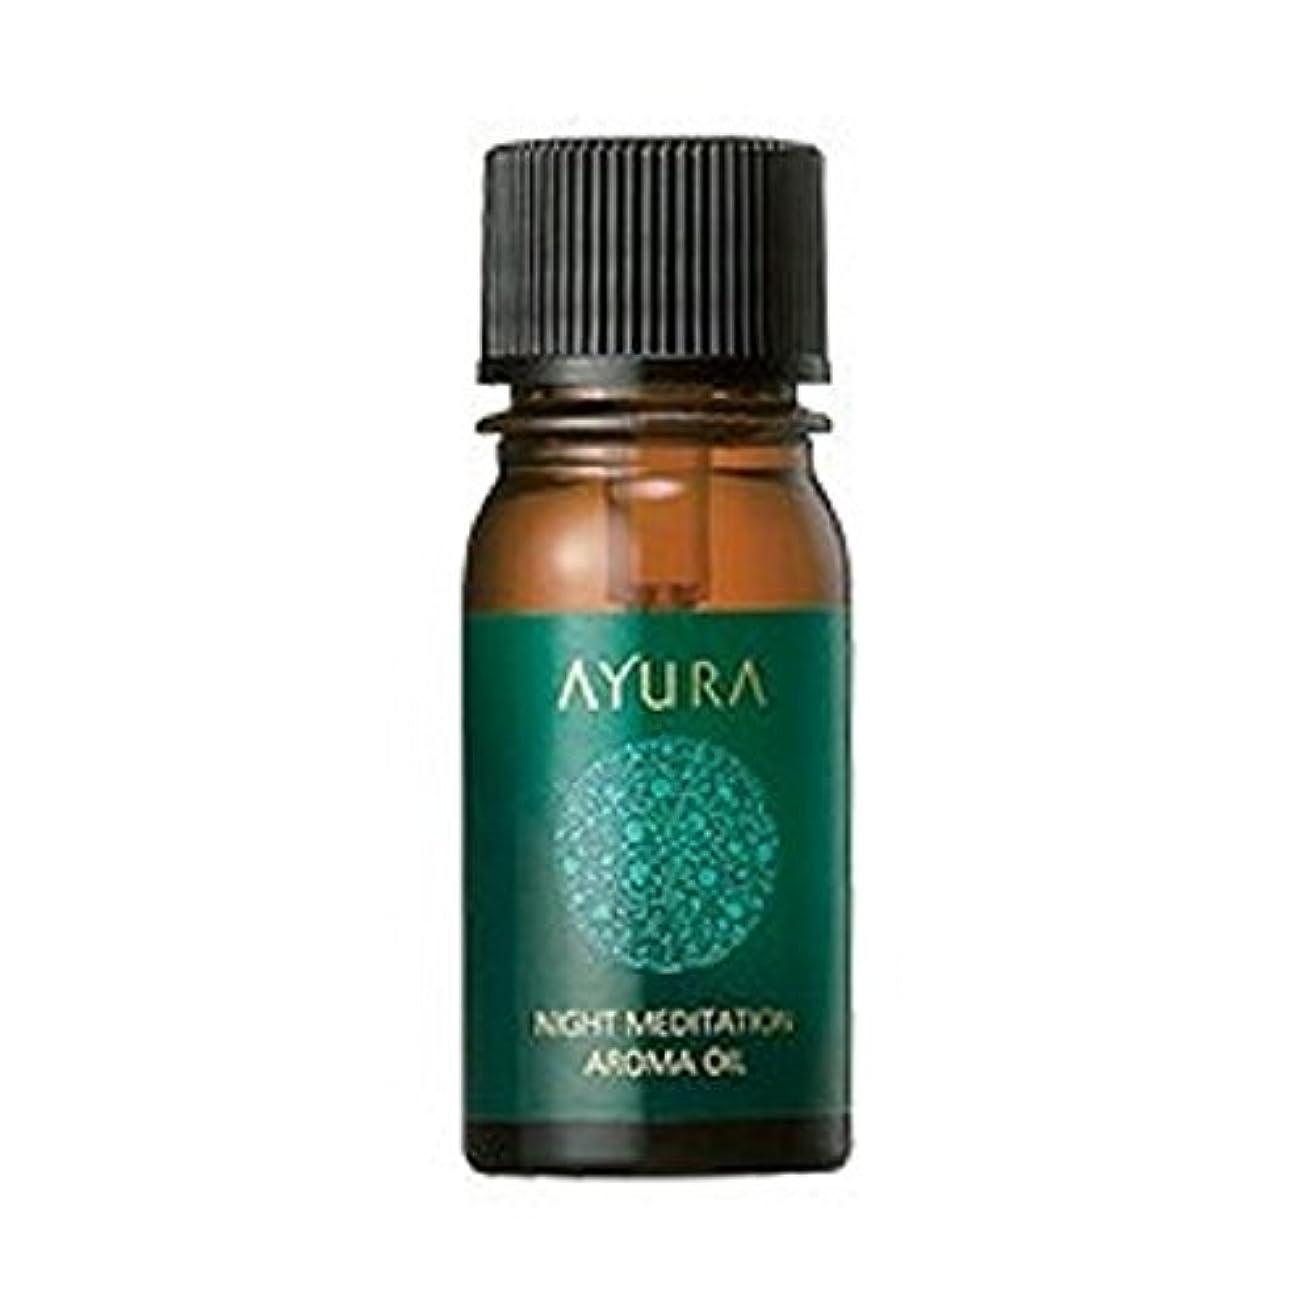 首居眠りする本物のアユーラ (AYURA) ナイトメディテーション アロマオイル 5mL 深い安らぎ誘うアロマティックハーブの香り